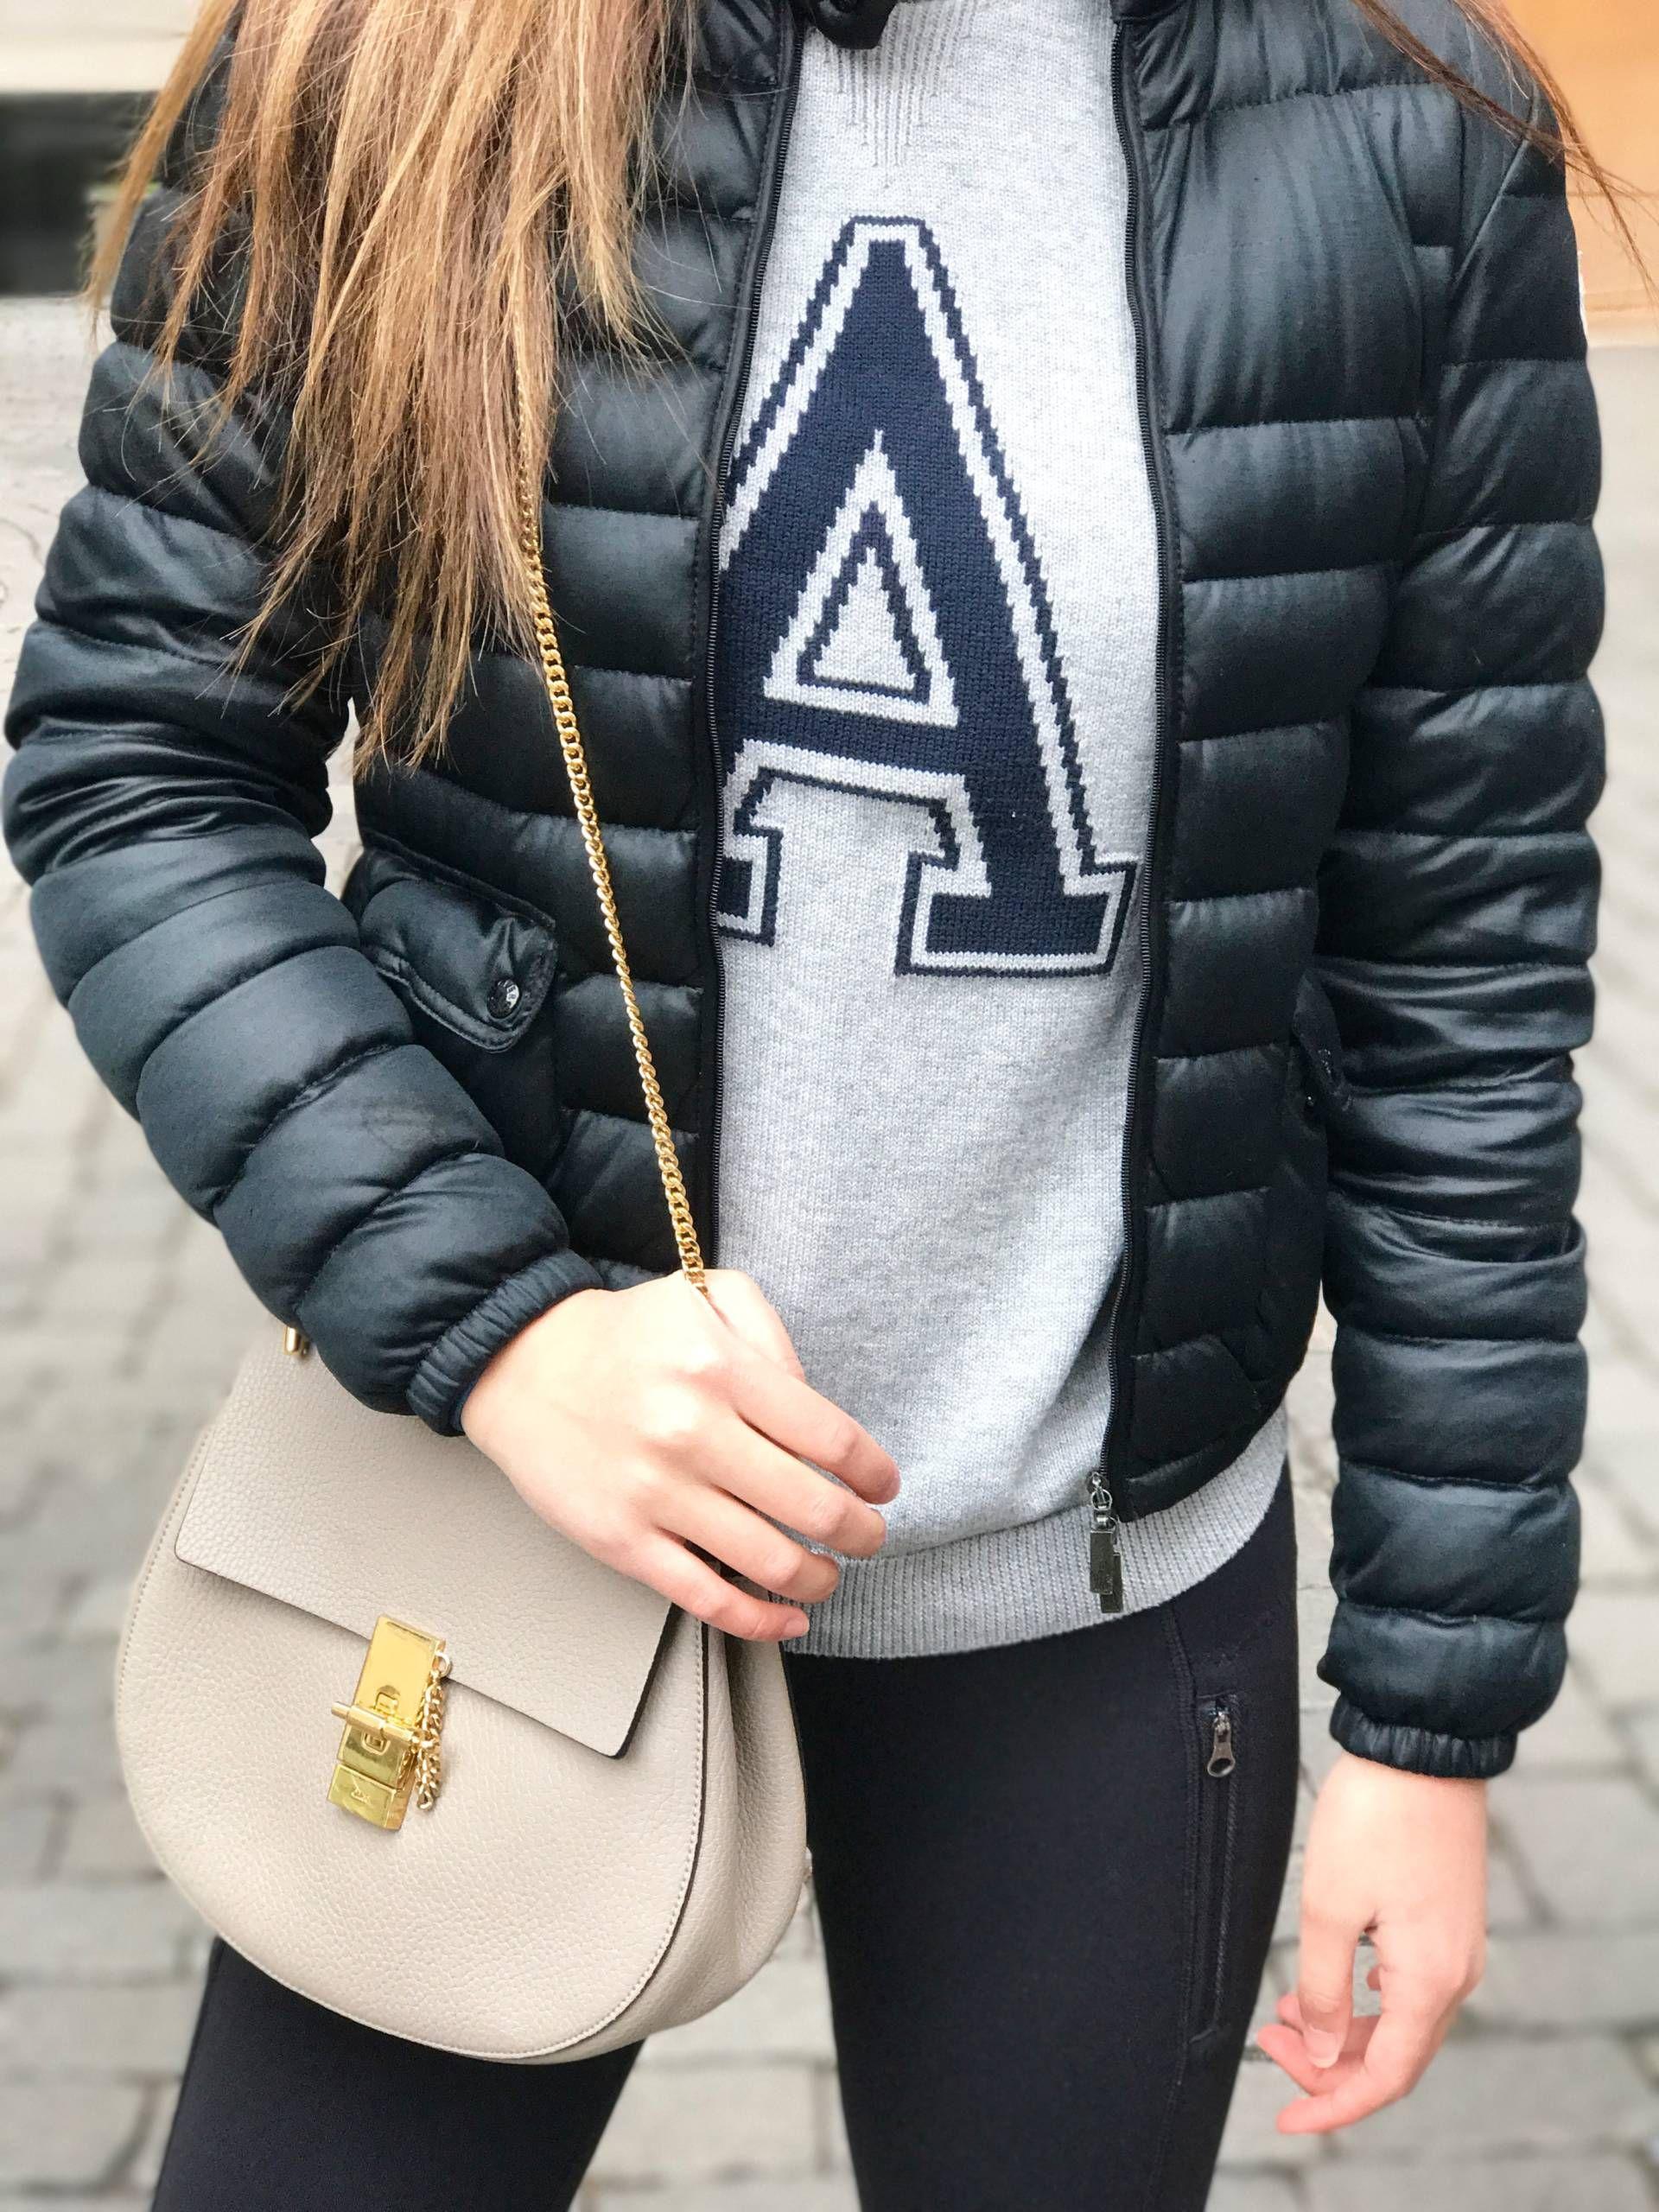 varsity letter sweater letter a from h&m, moncler black lans light jacket, lululemon inspire ii mesh leggings, chloe drew bag in grey, etnia barcelona ...